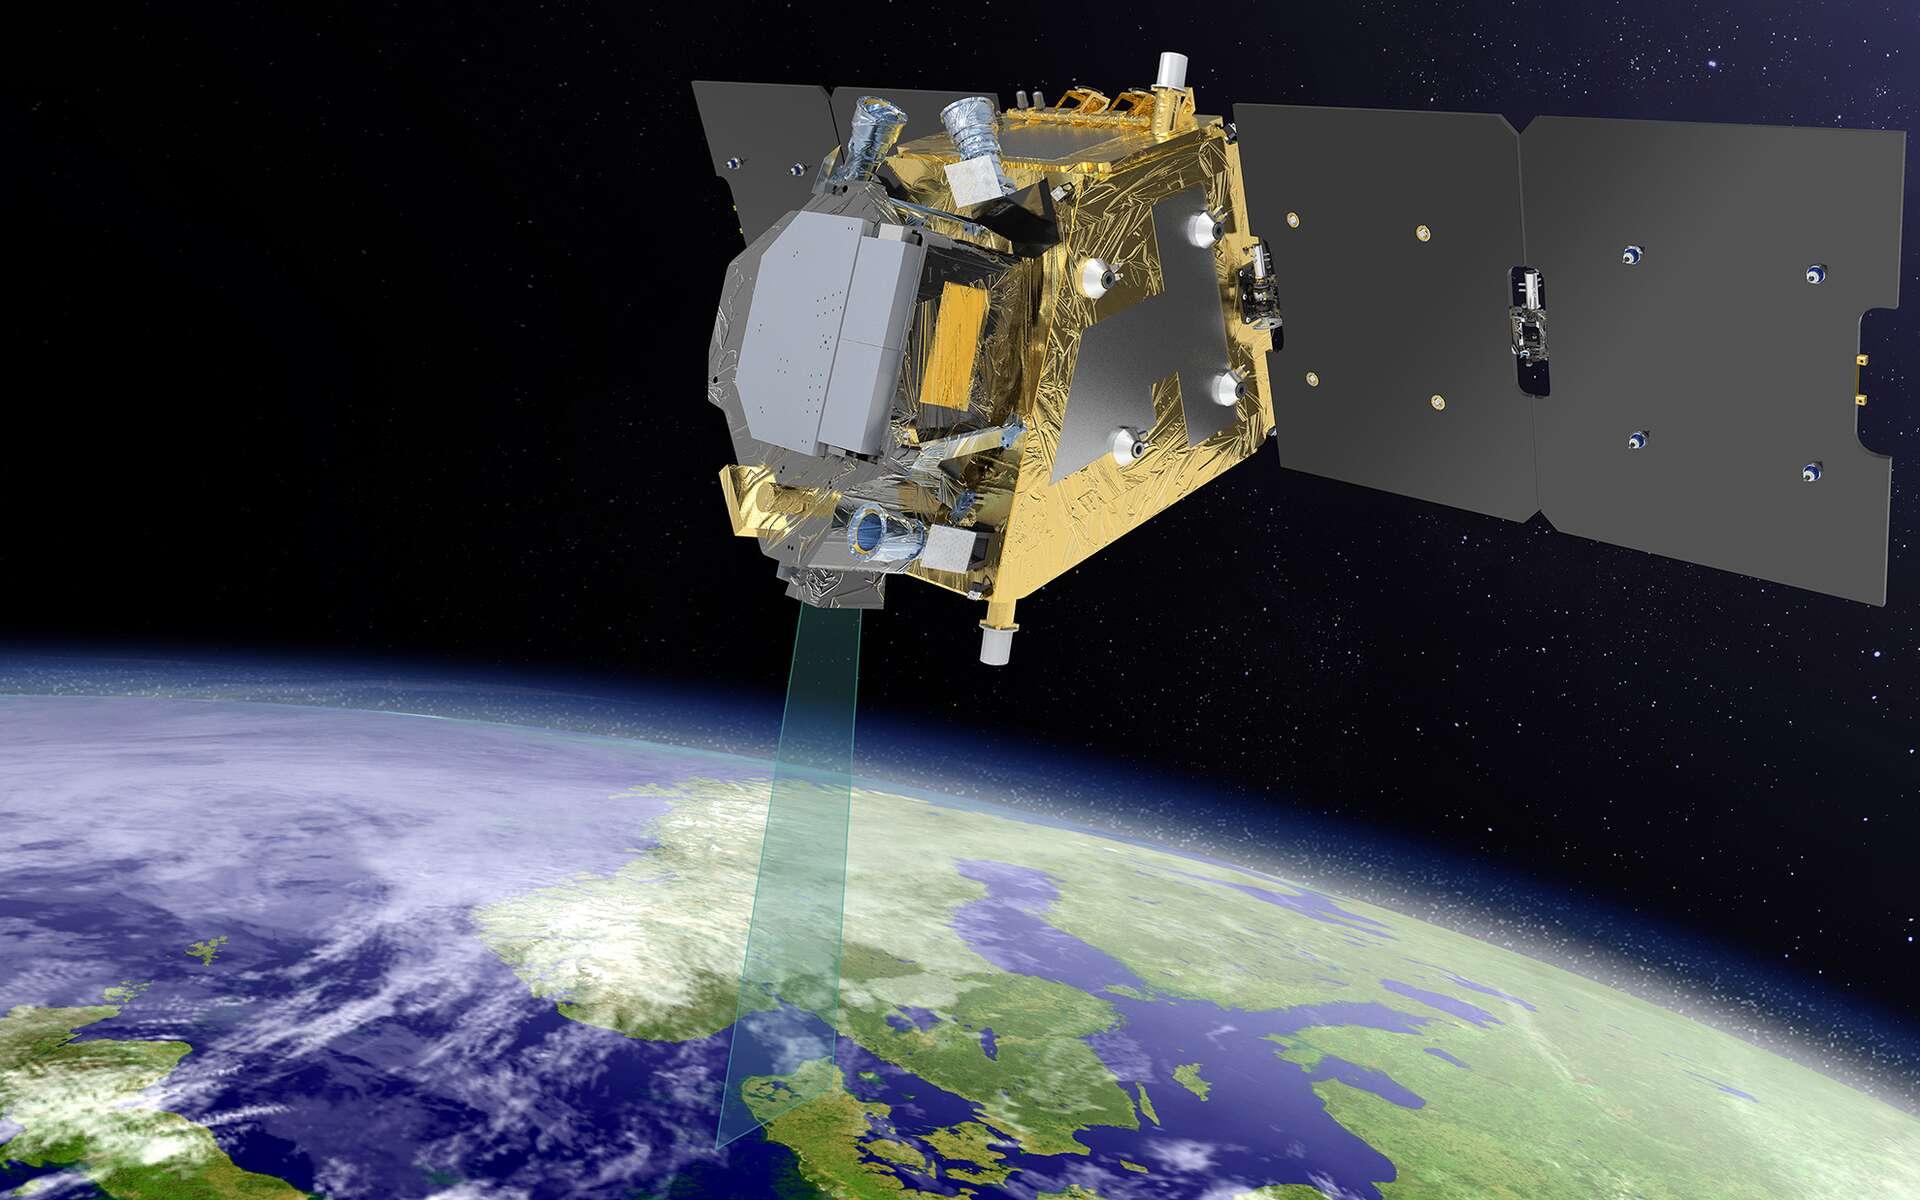 Le satellite Flex aura pour mission de cartographier la fluorescence de la végétation terrestre afin de quantifier l'activité photosynthétique. Ce satellite de l'Agence spatiale européenne sera construit par Thales Alenia Space. © Thales Alenia Space, E Briot